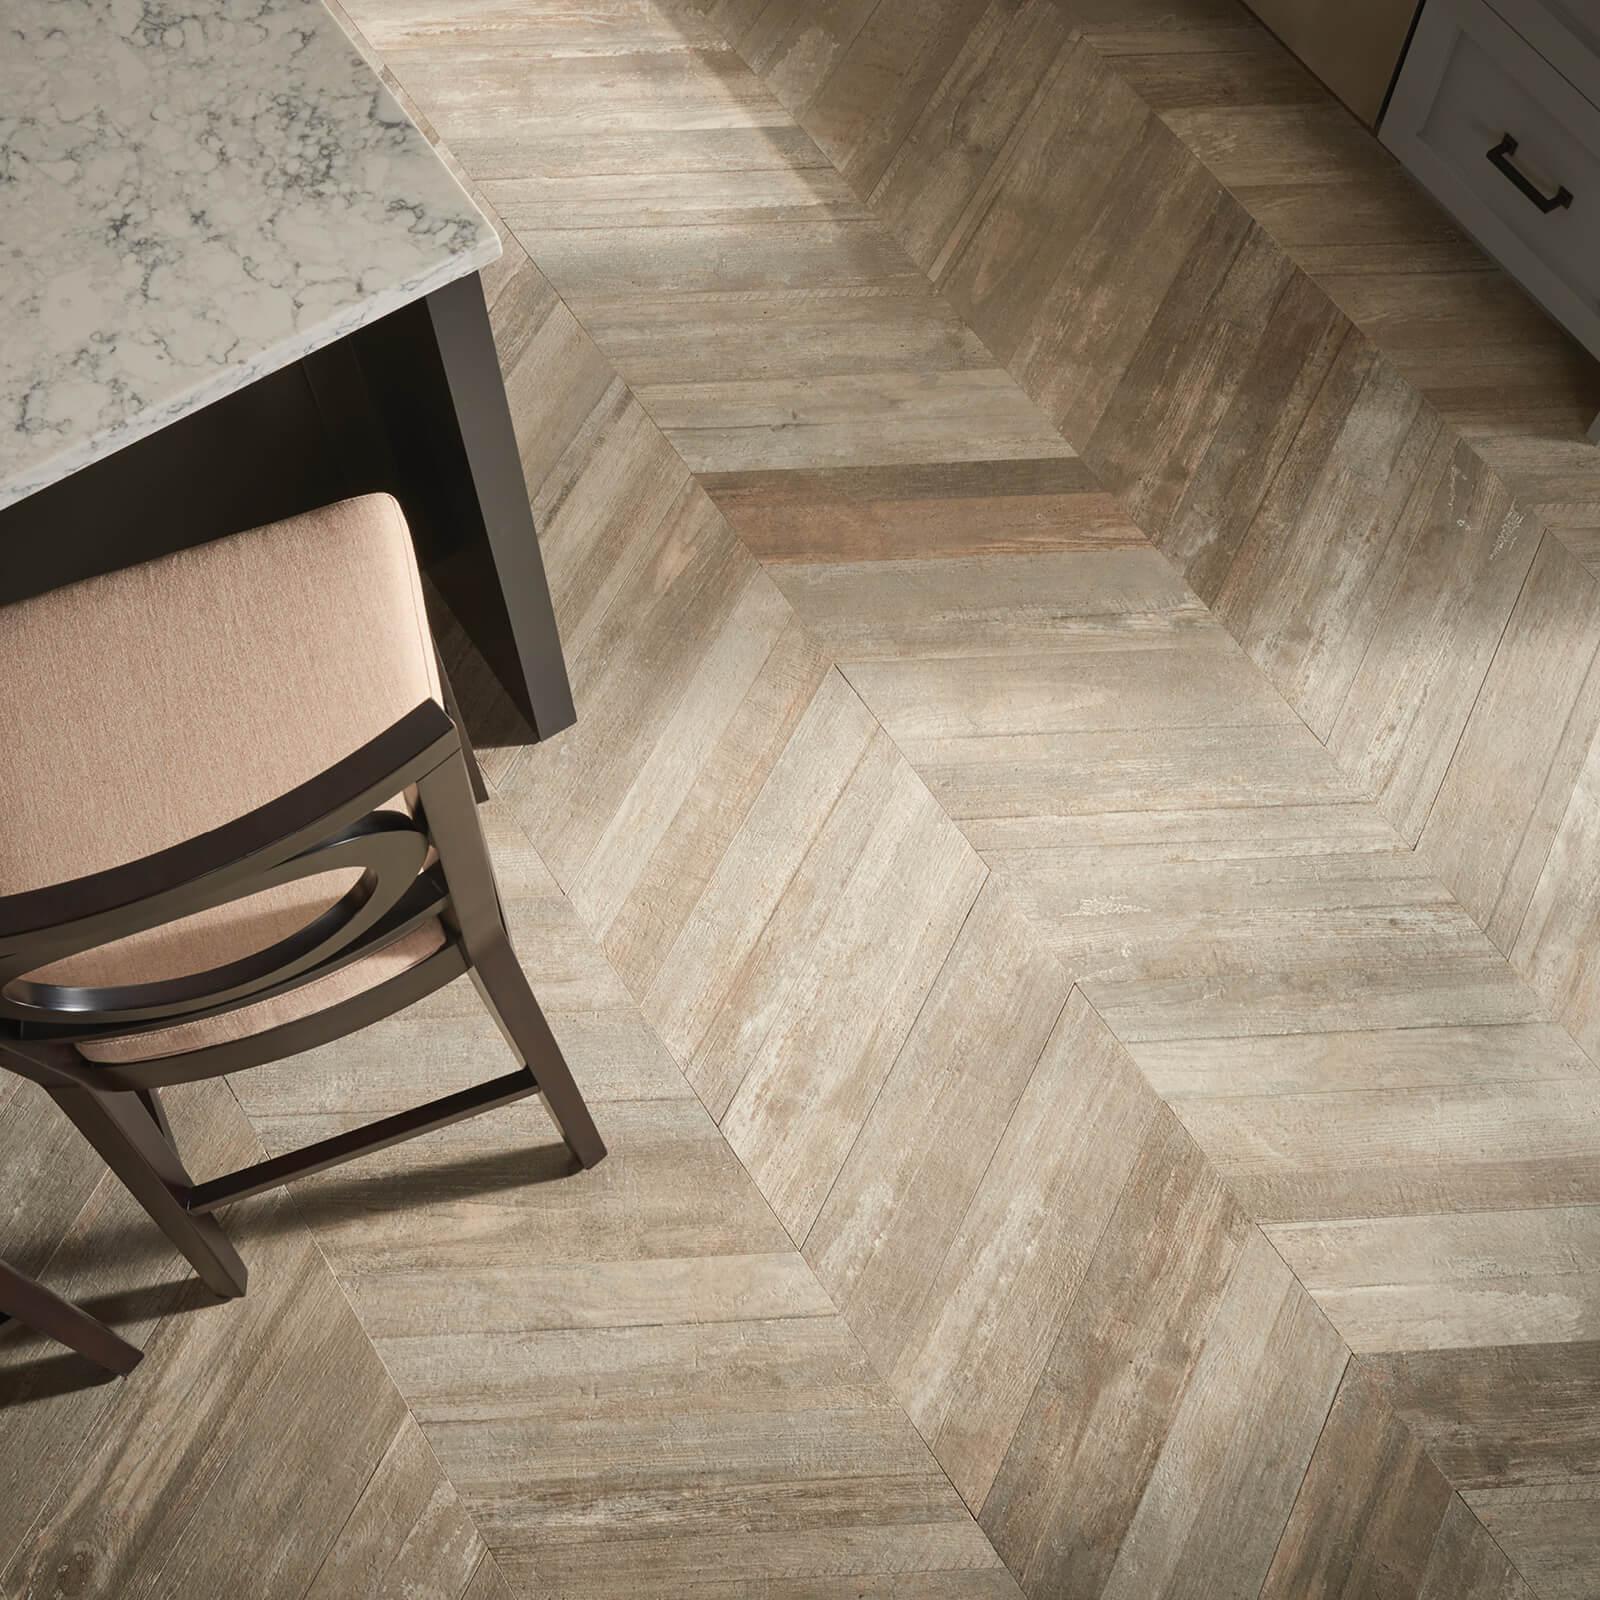 Glee Chevron tiles | Flowers Flooring